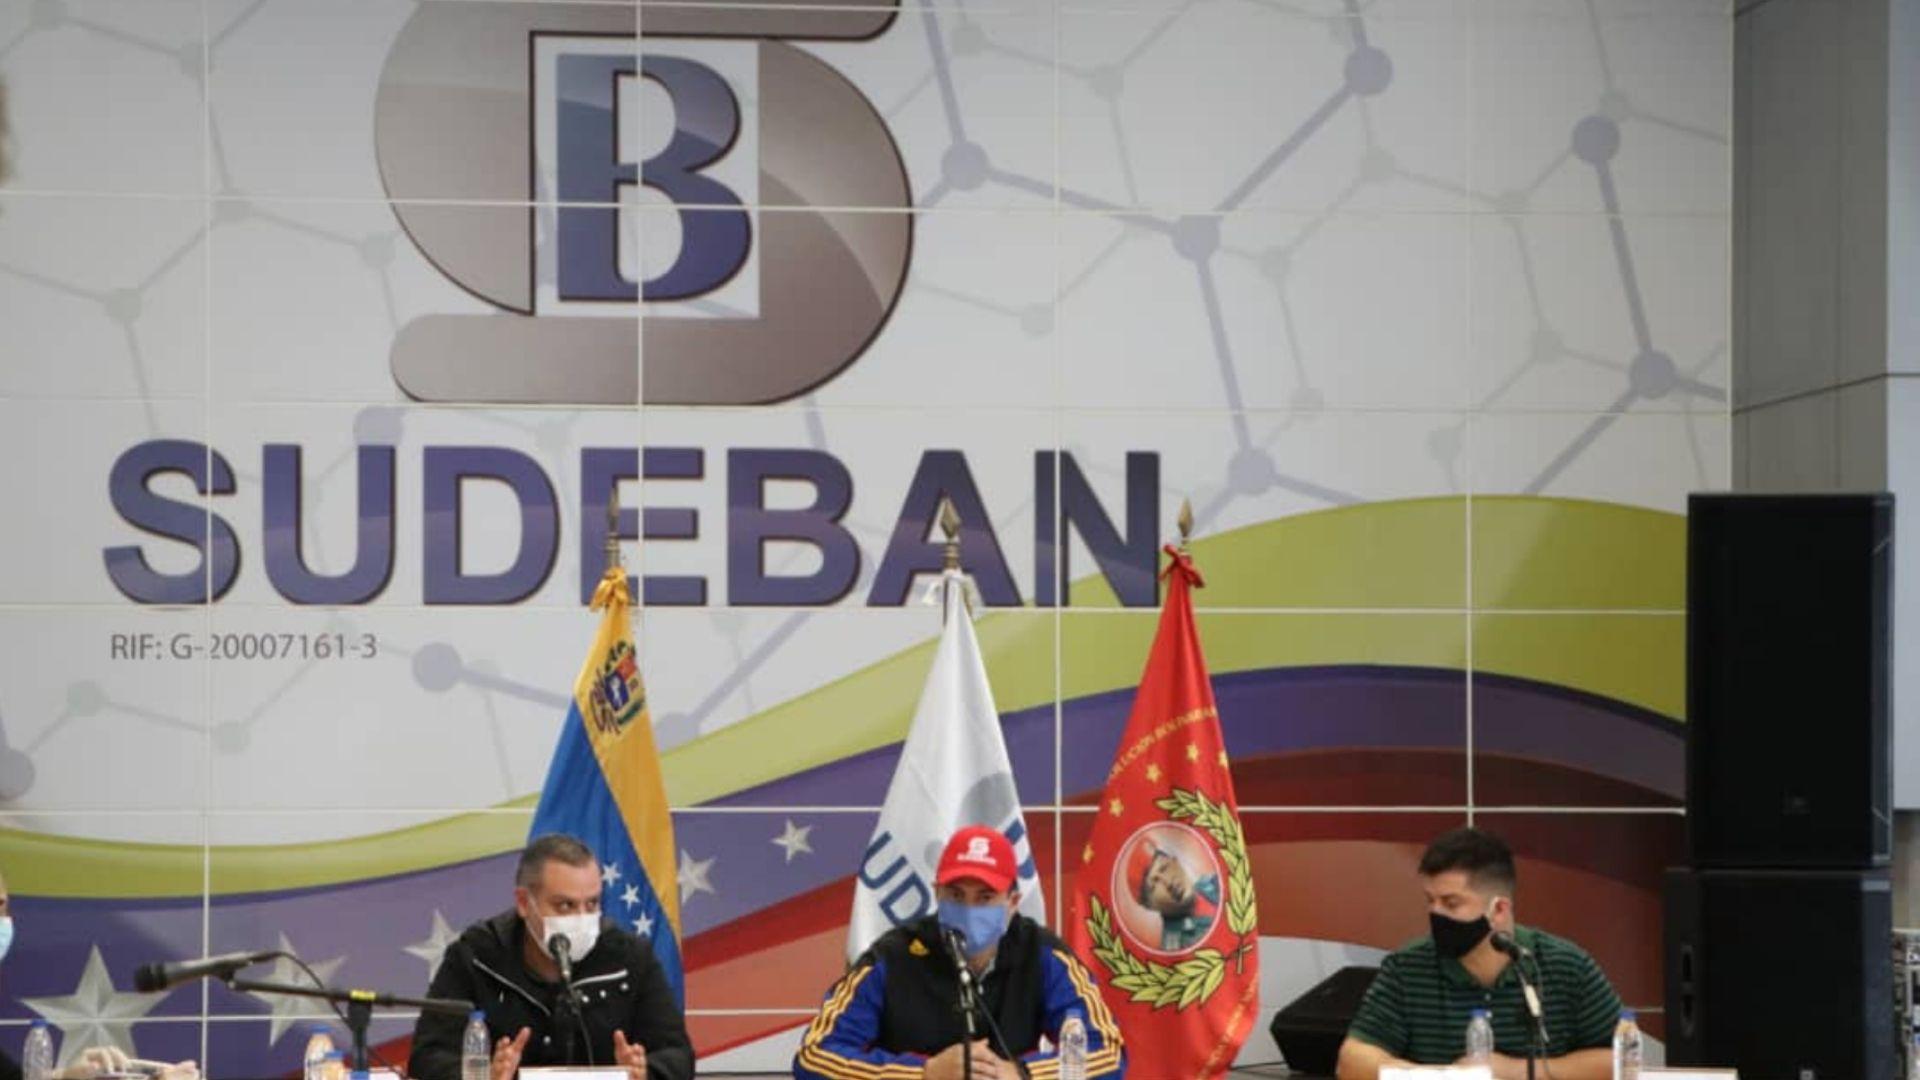 Sudeban ordena suspender cobros por servicio de puntos de venta